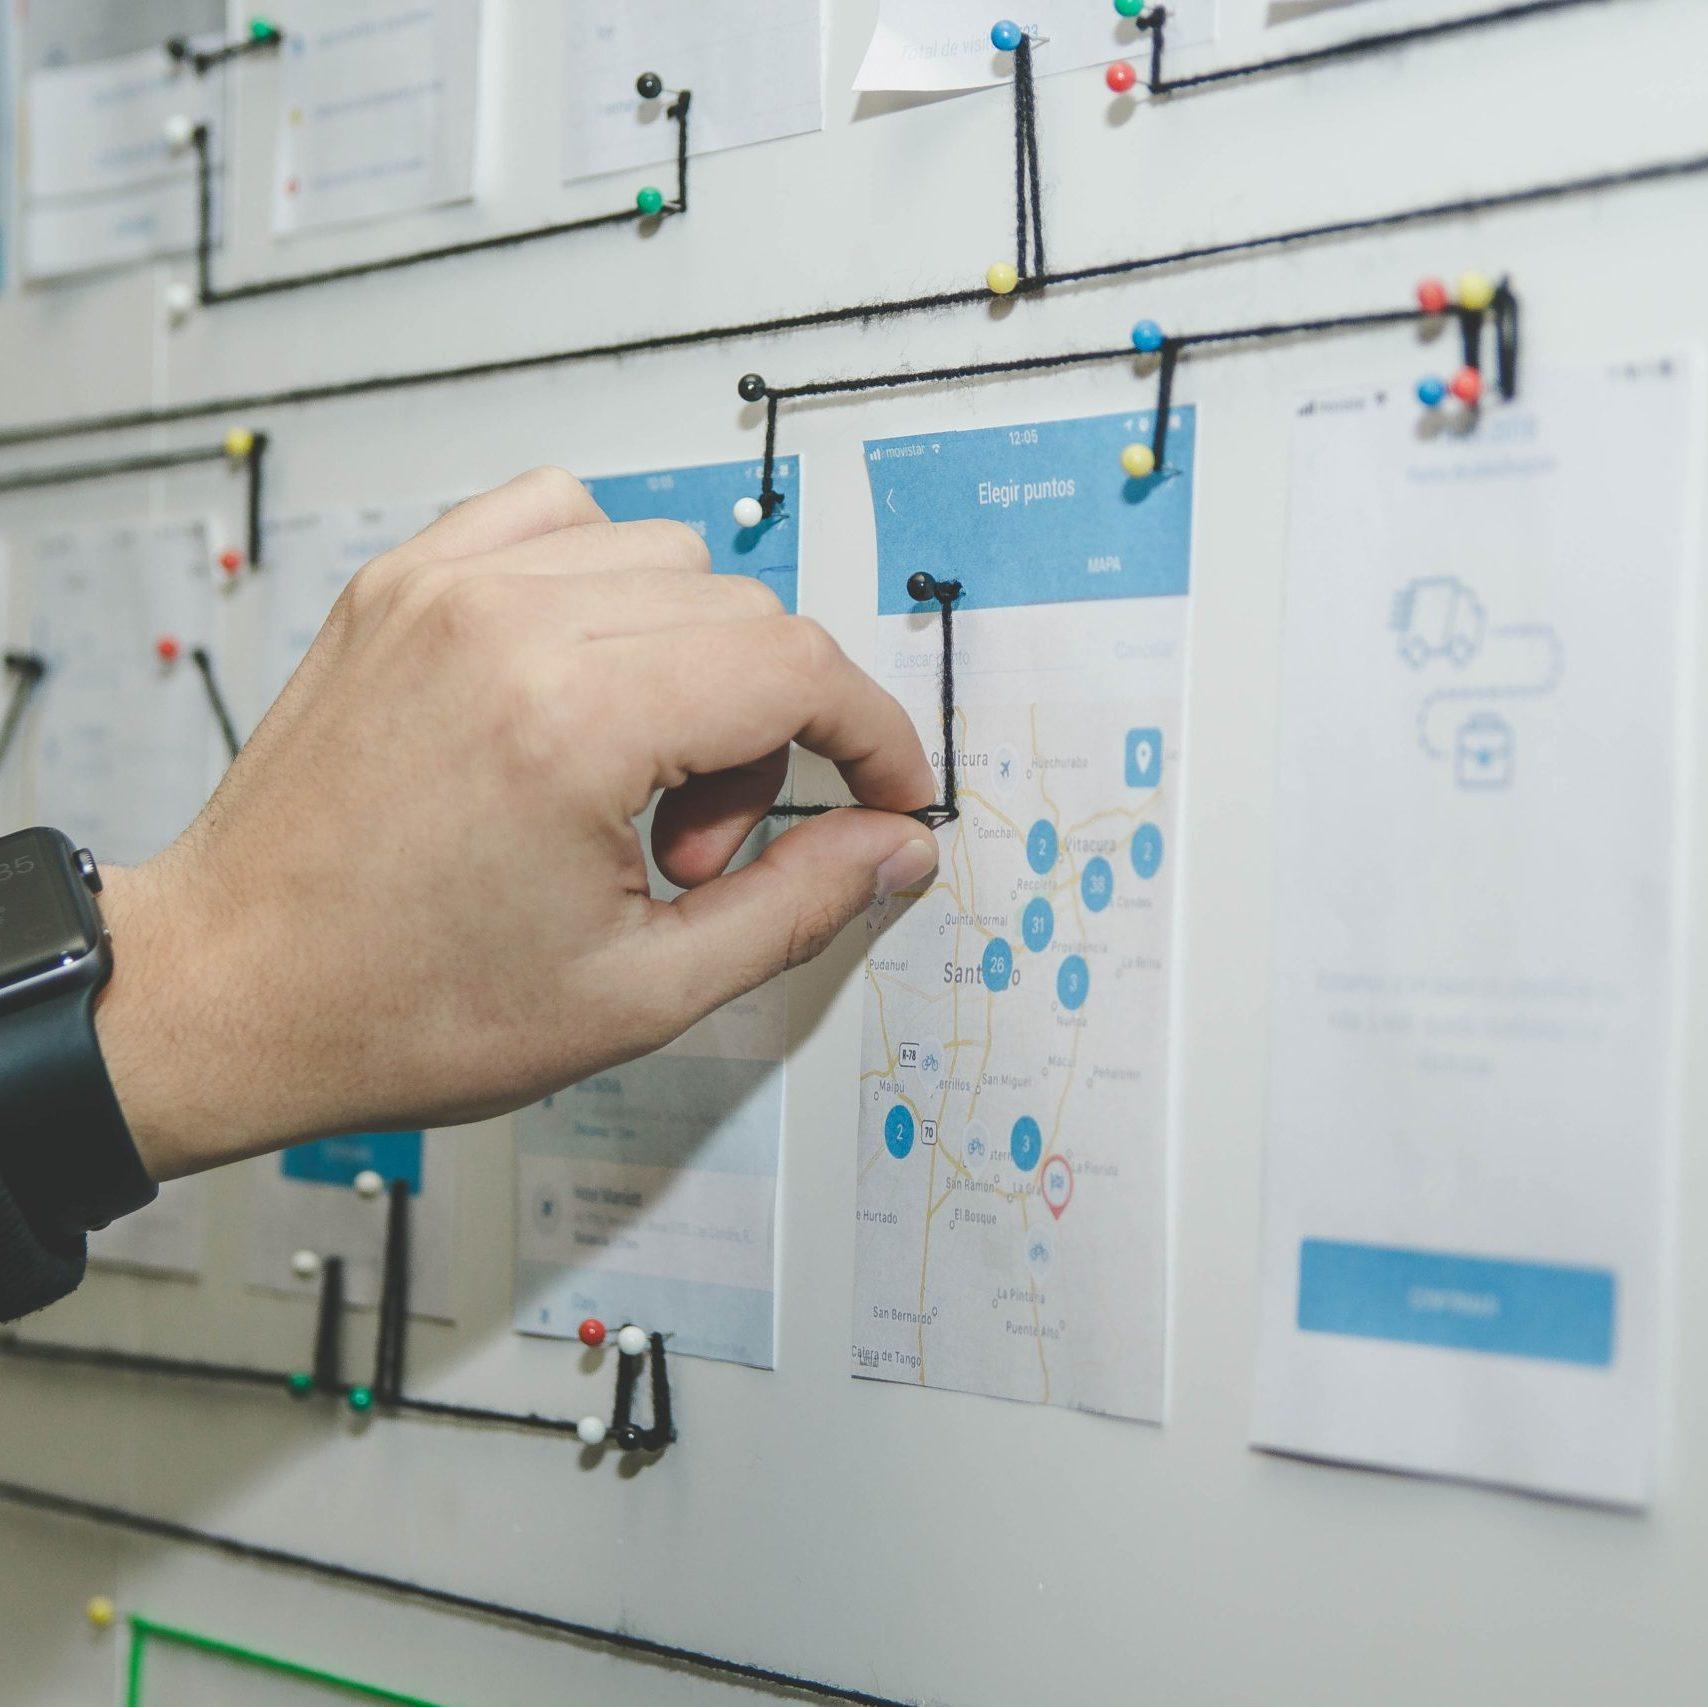 Stivo Consultancy | Projectmanager voor productiebedrijven | Stivo helpt